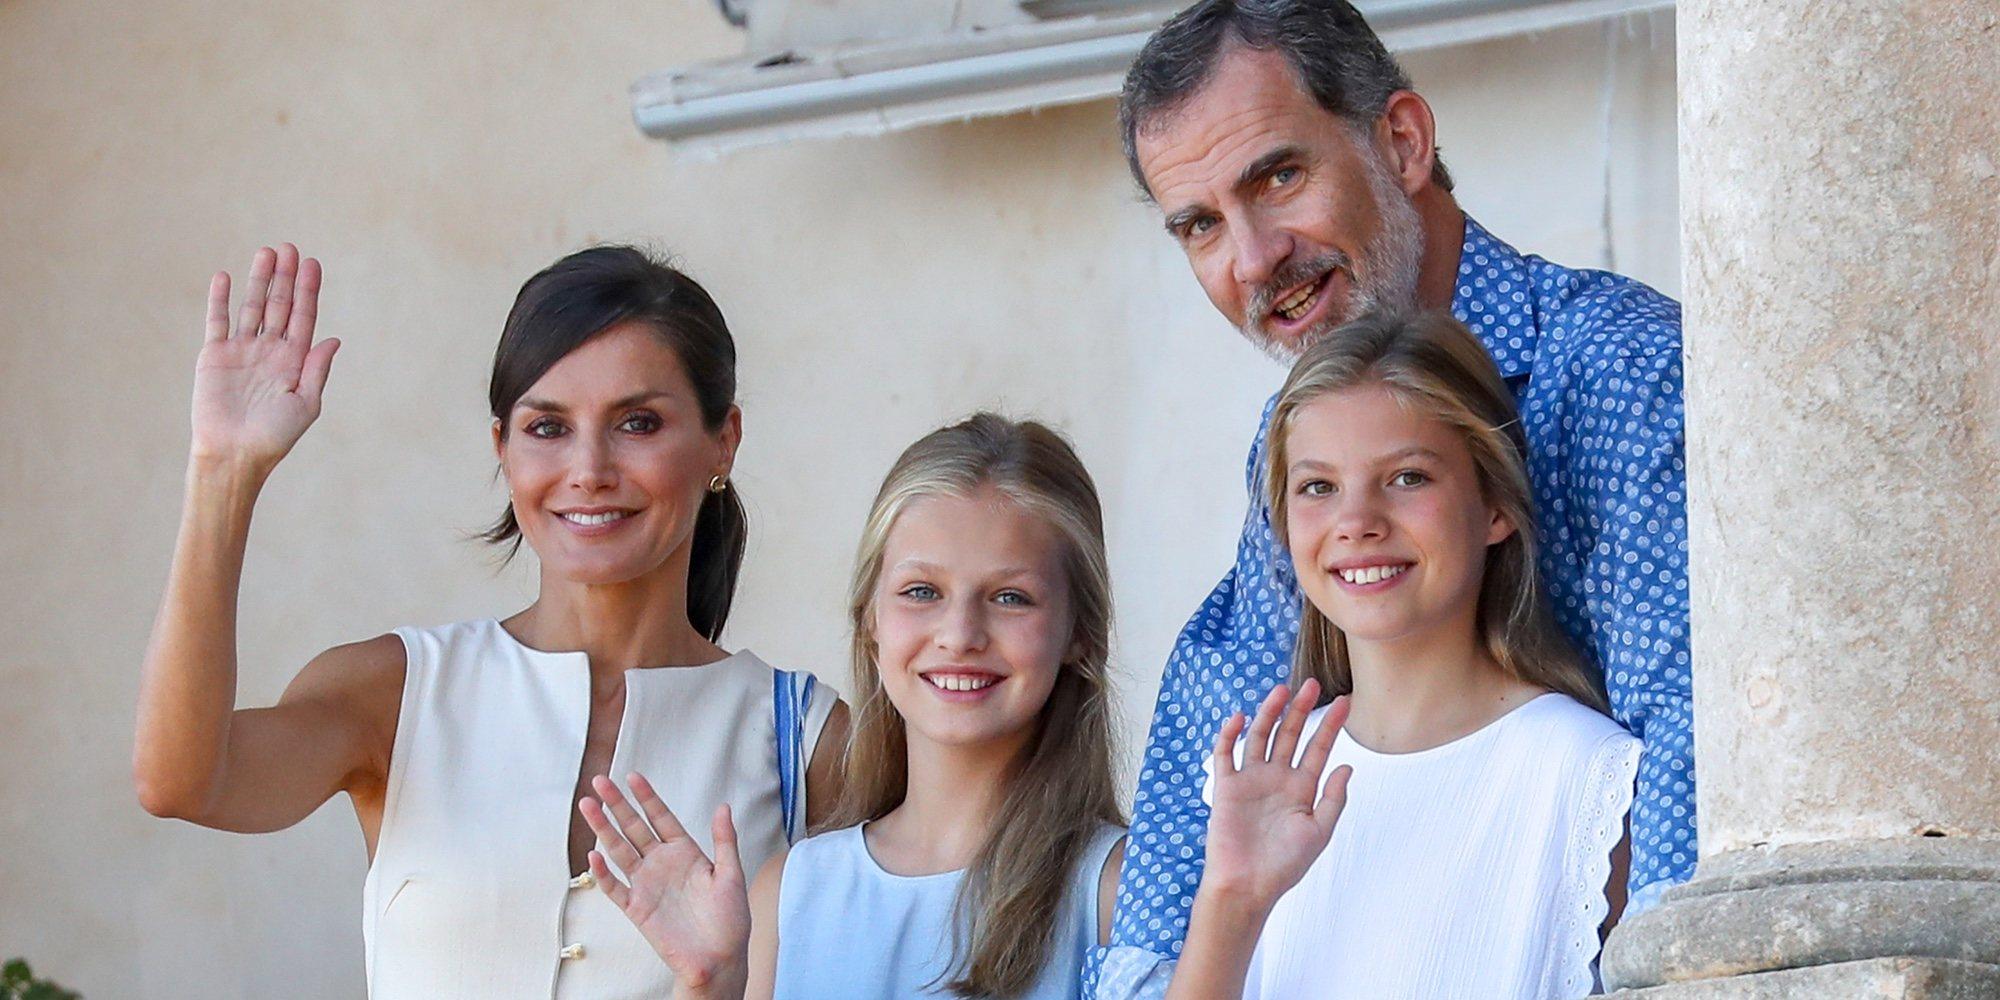 La Princesa Leonor y la Infanta Sofía, cómplices y protagonistas en su visita al Museo Son Marroig de Mallorca